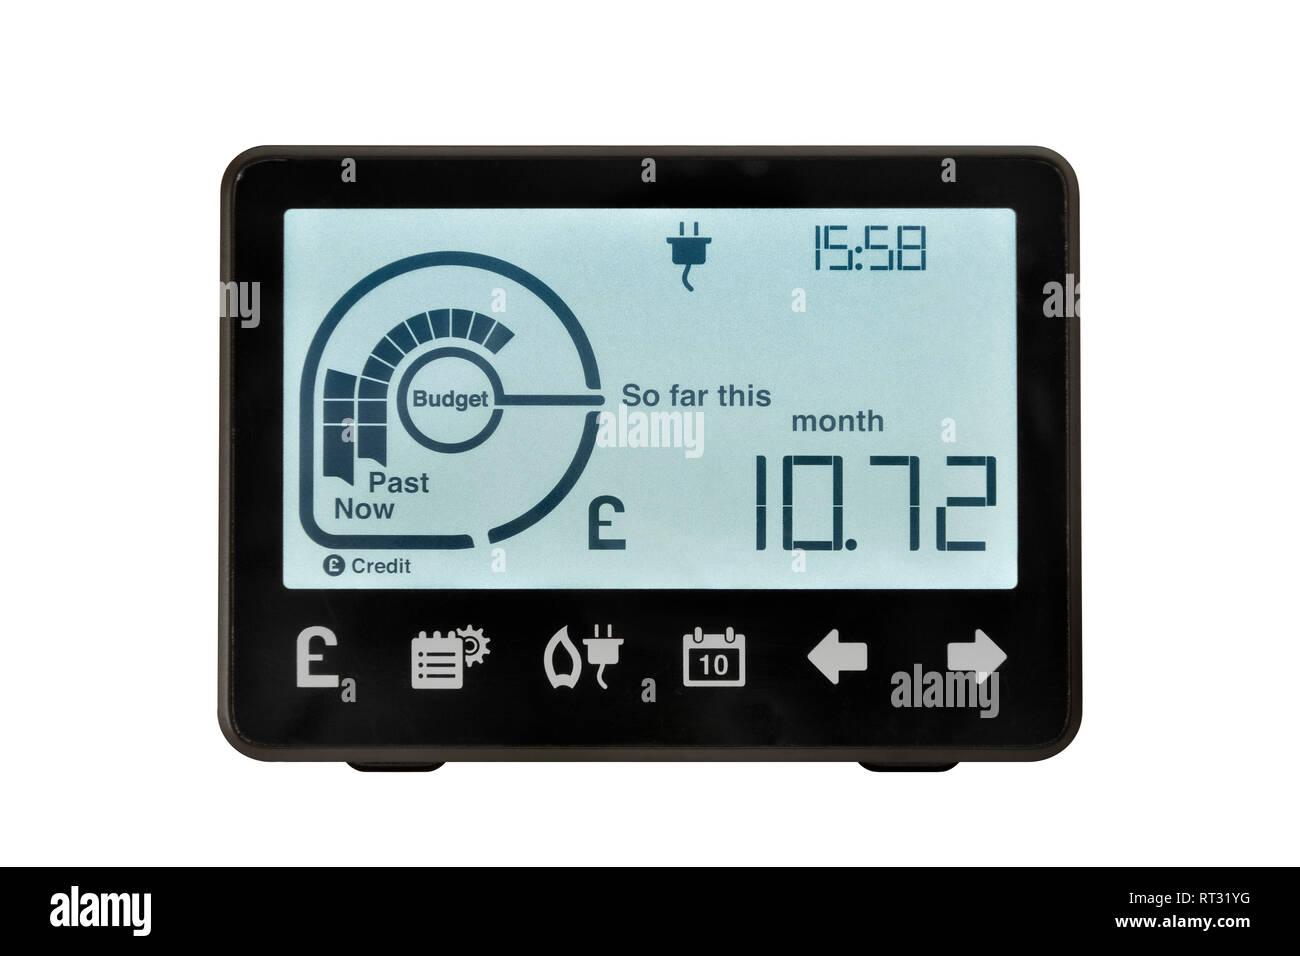 Medidor inteligente, Reino Unido. Un dispositivo electrónico para el registro y control del consumo de electricidad en el hogar. Imagen De Stock